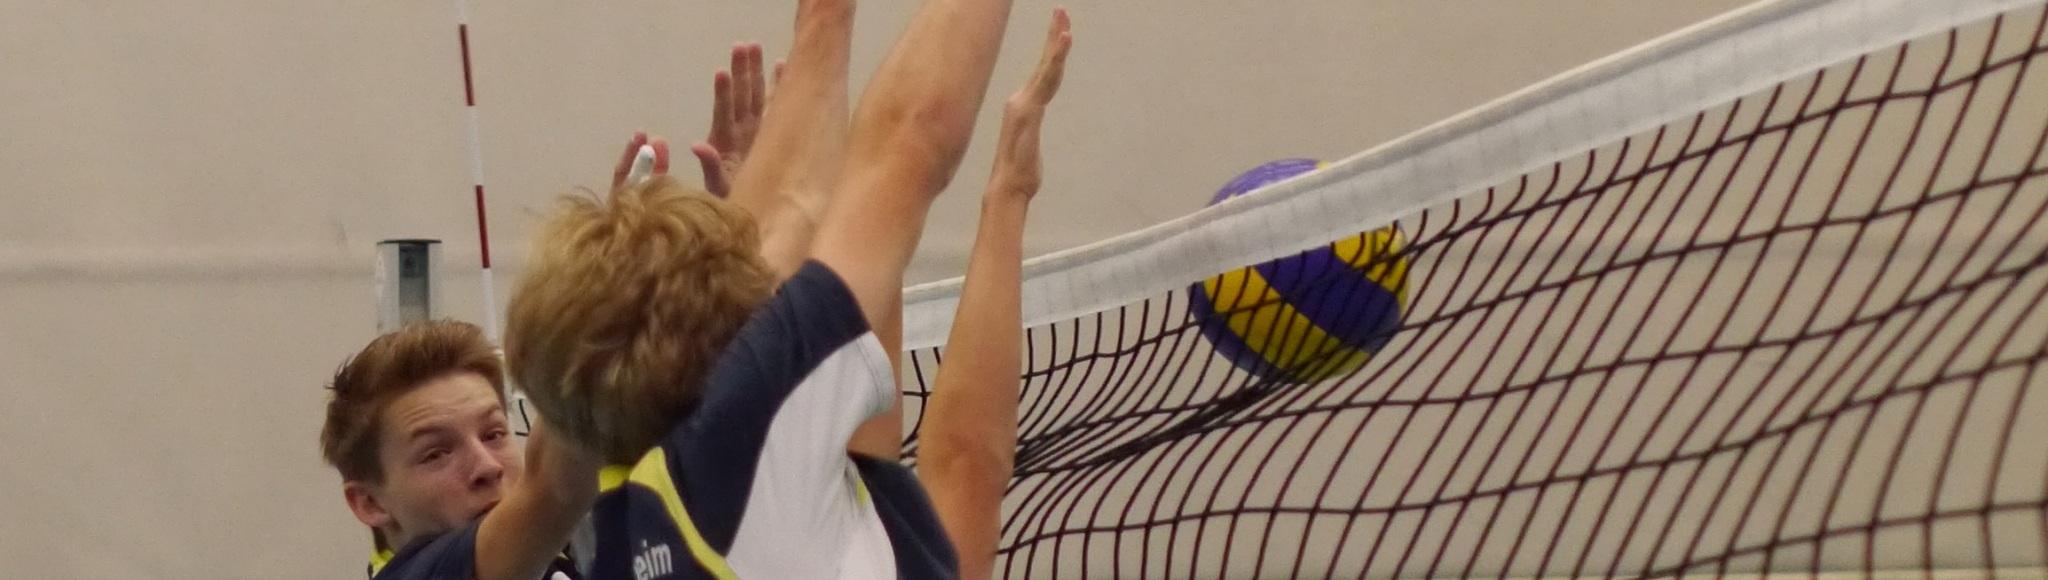 20130929 Jugend1 Slider sport verein salamander kornwestheim volleyball